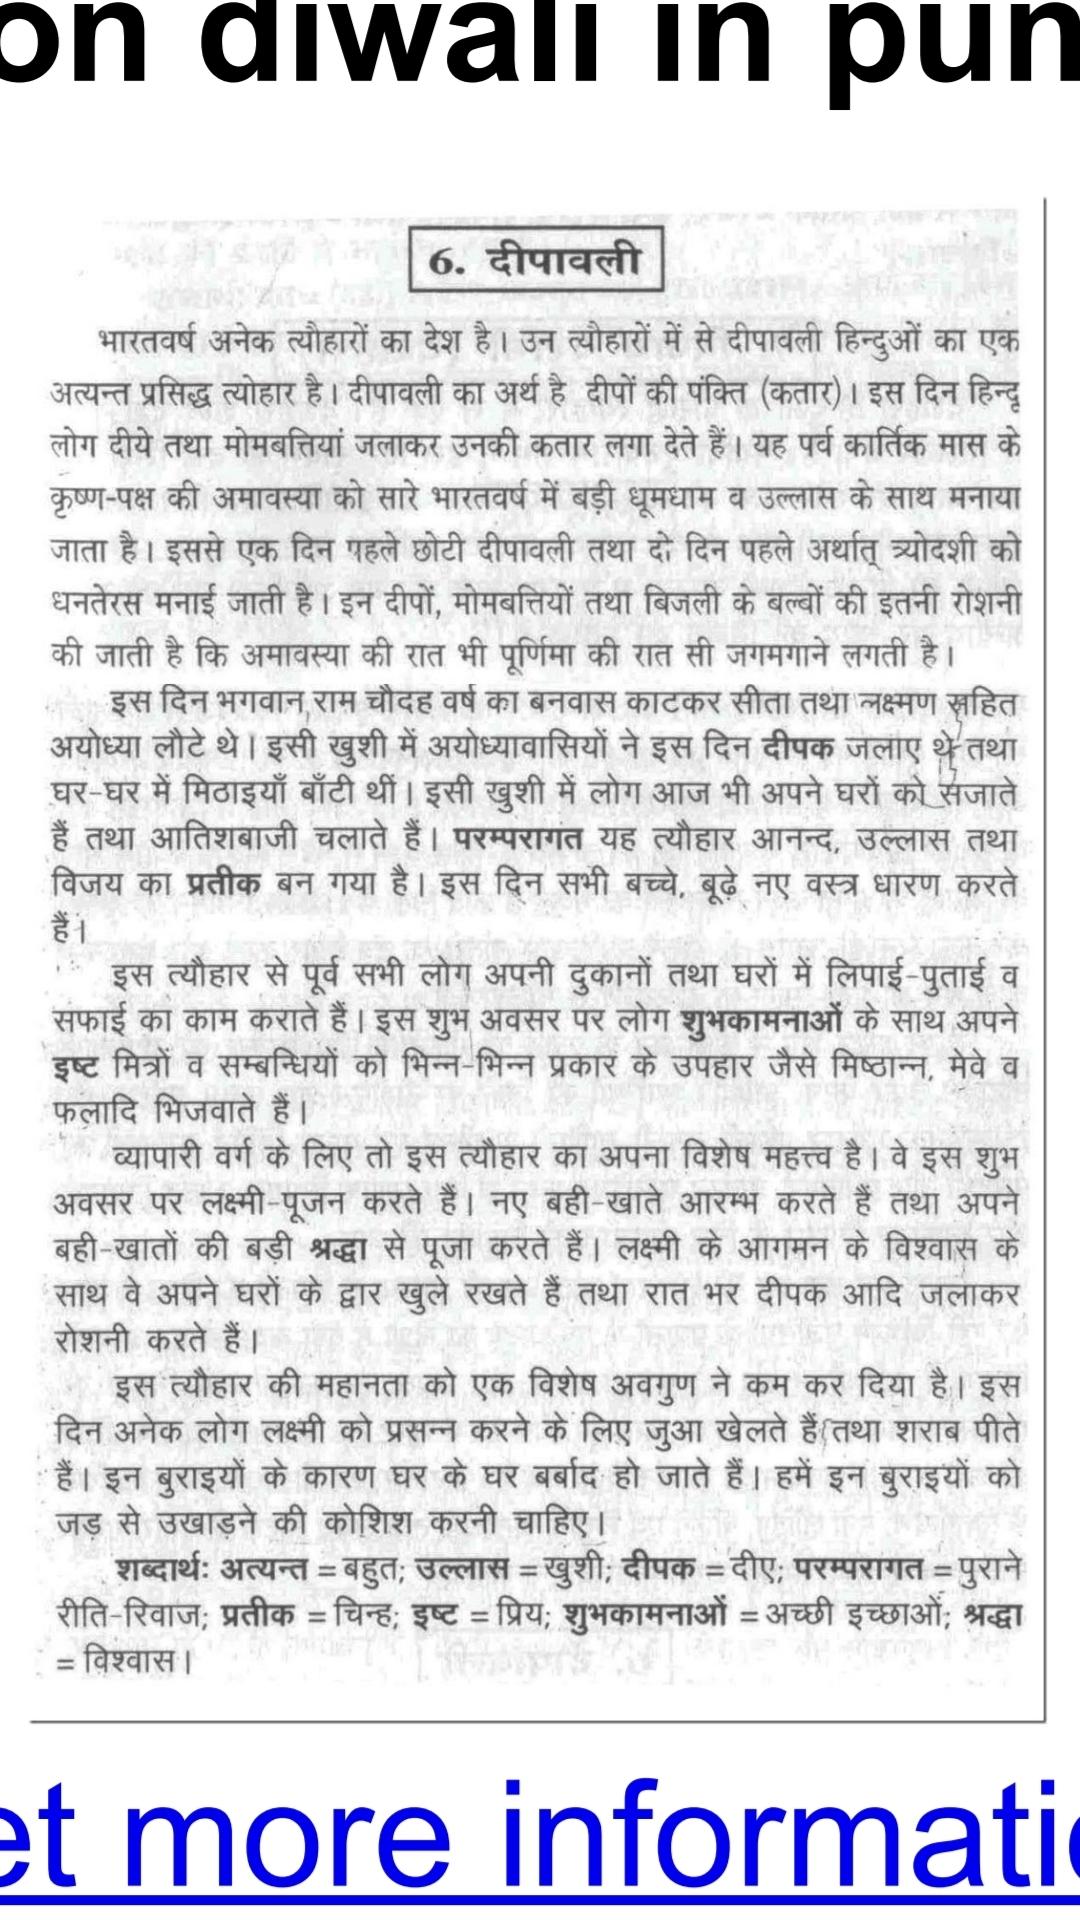 essay on diwali in punjabi language